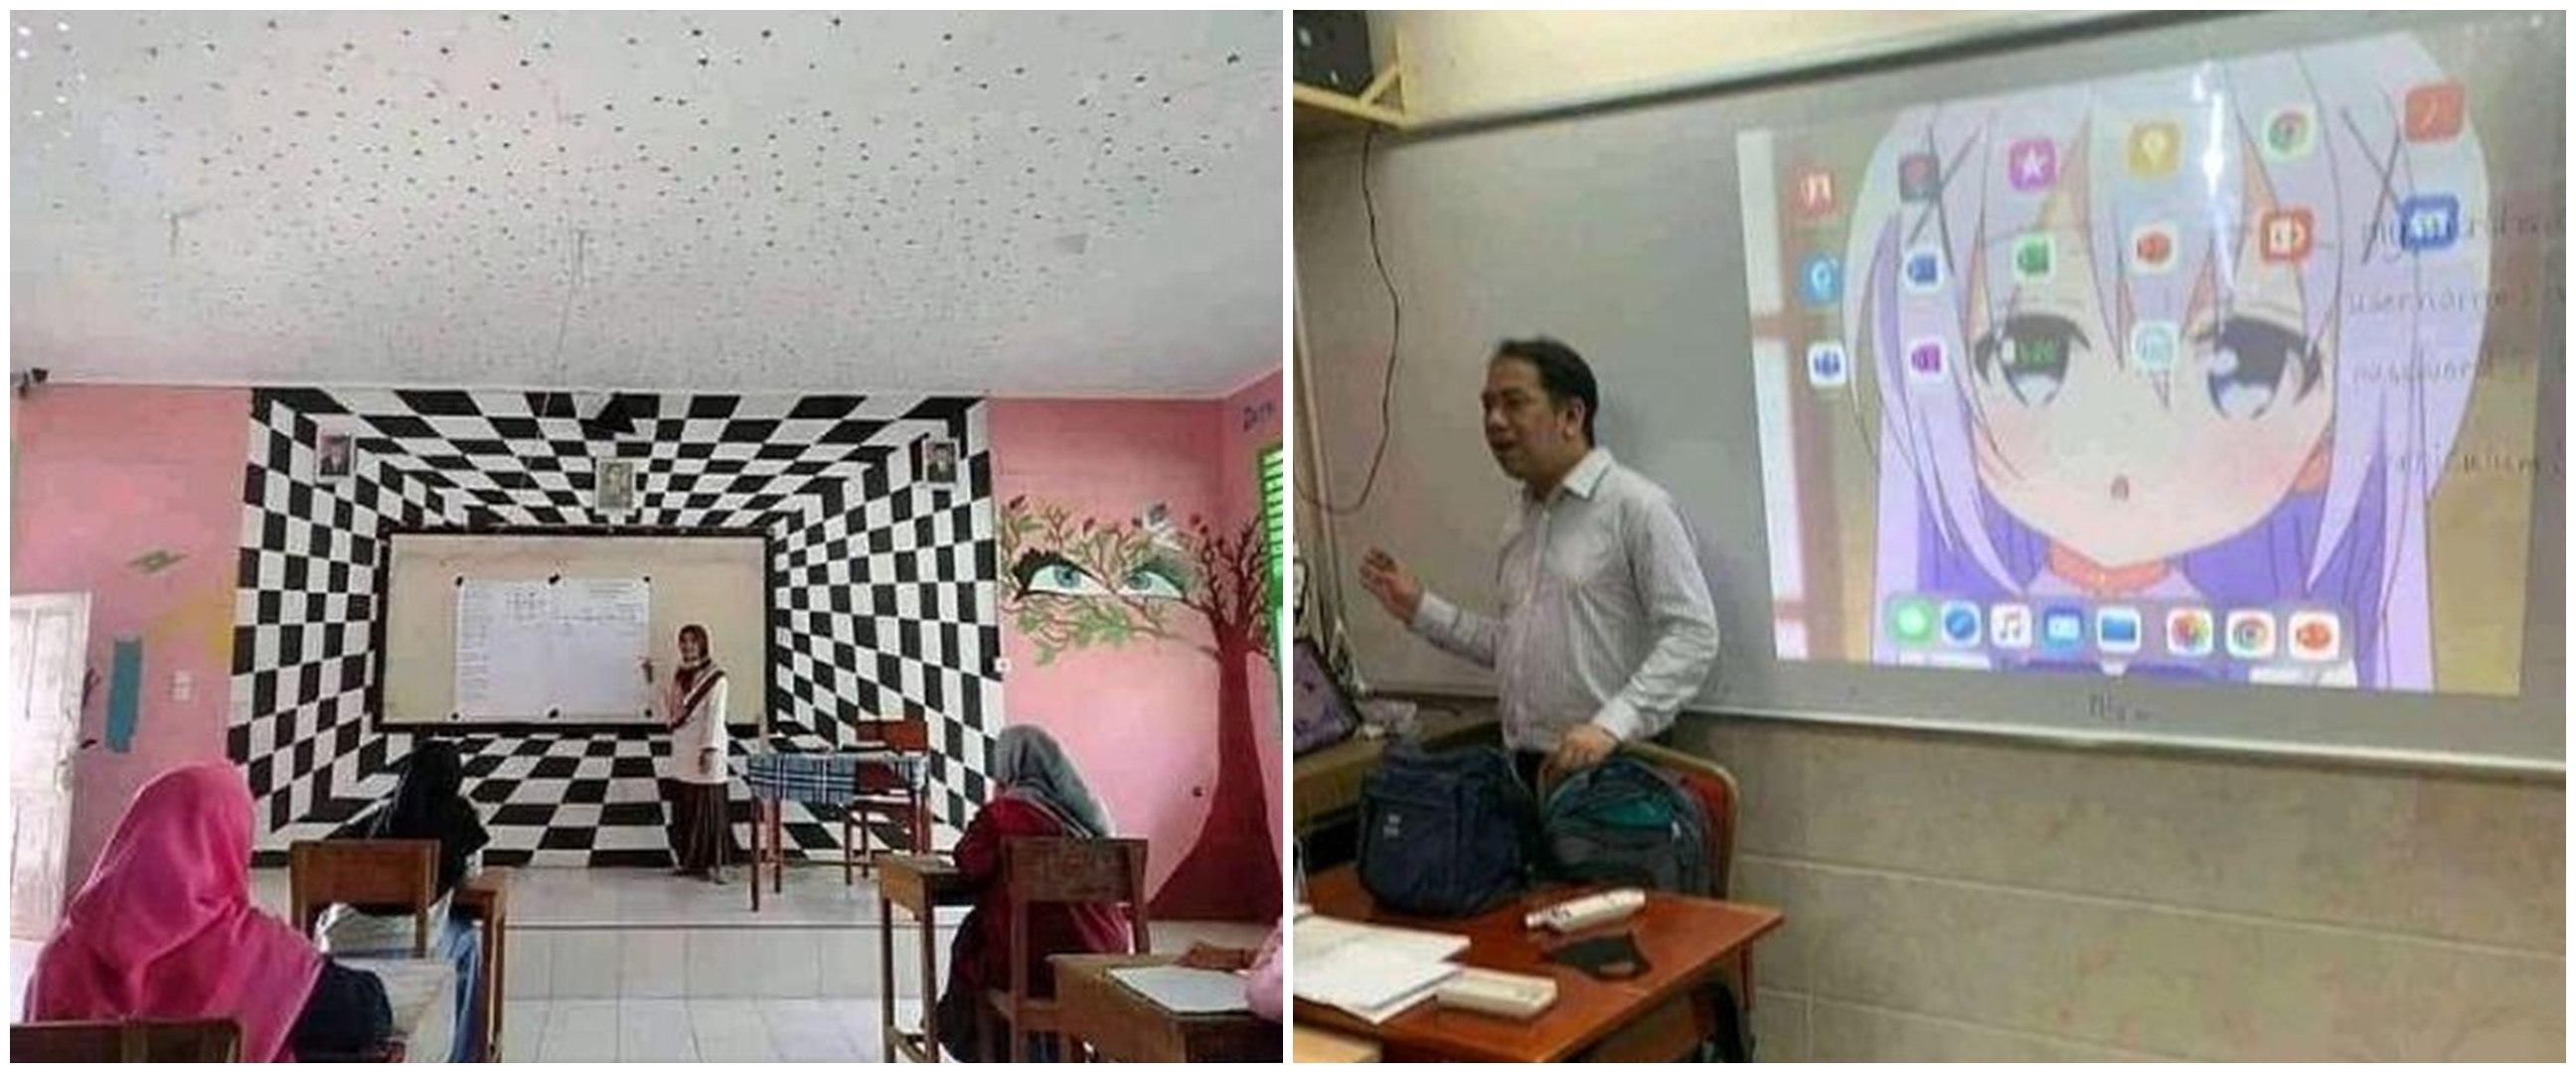 10 Potret lucu di ruang kelas ini malah bikin siswa bingung